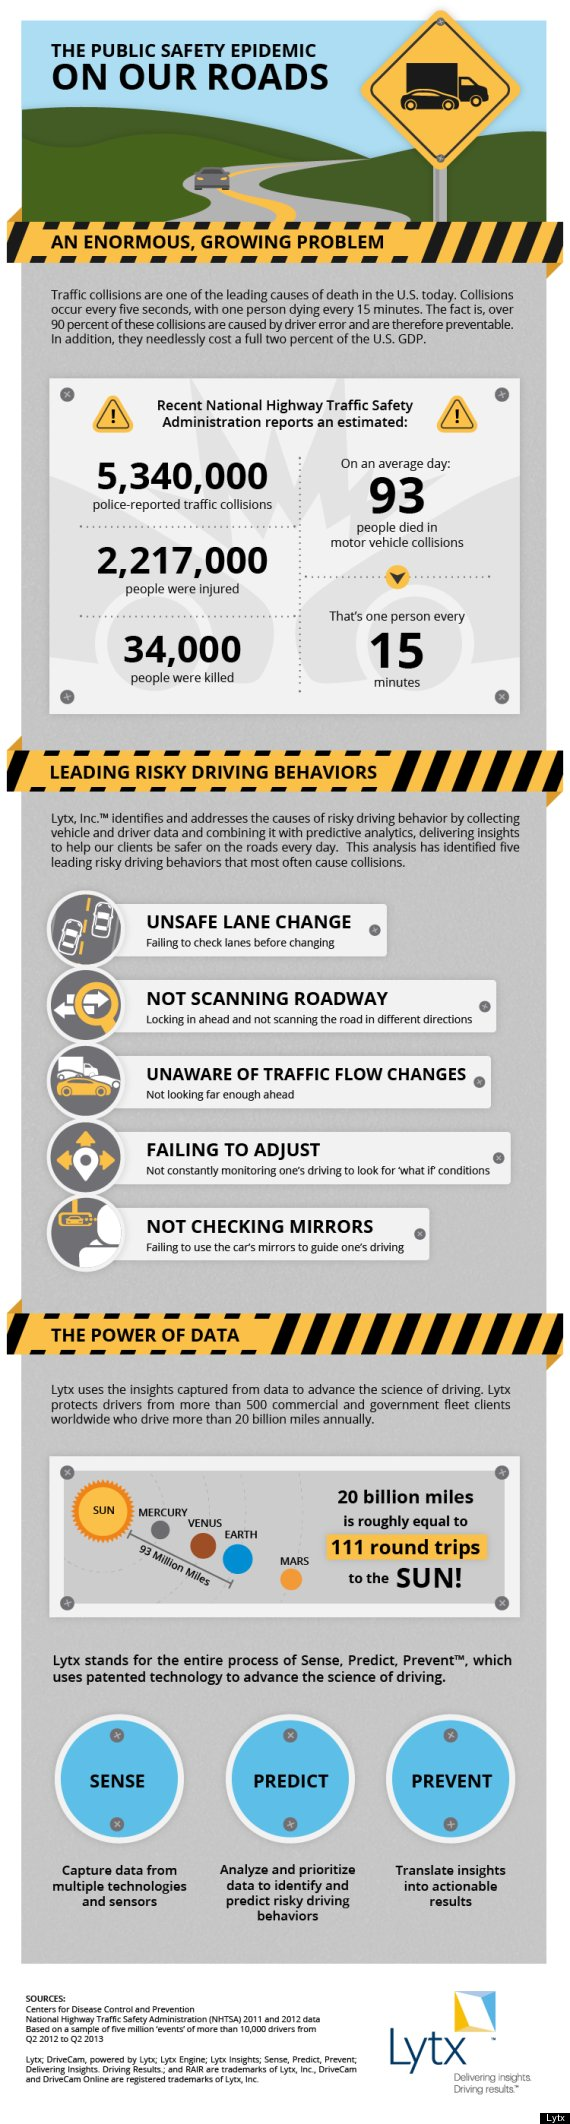 lytx infographic